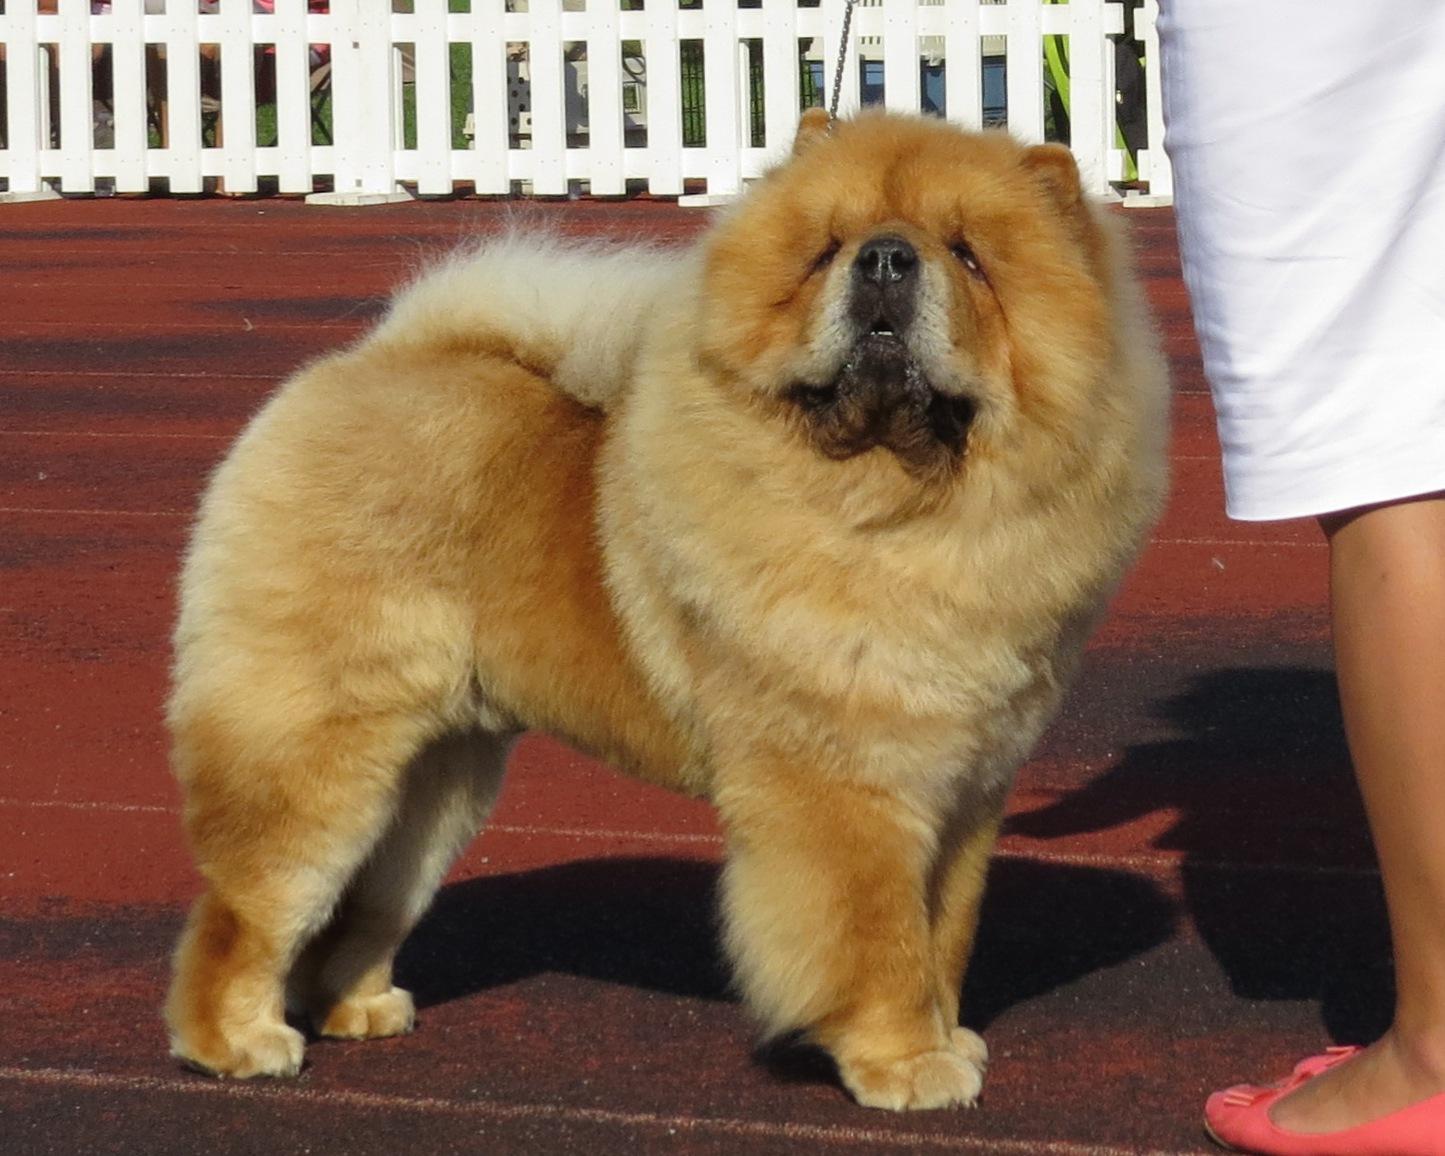 Chú chó chow chow ngẩng đầu lông vàng